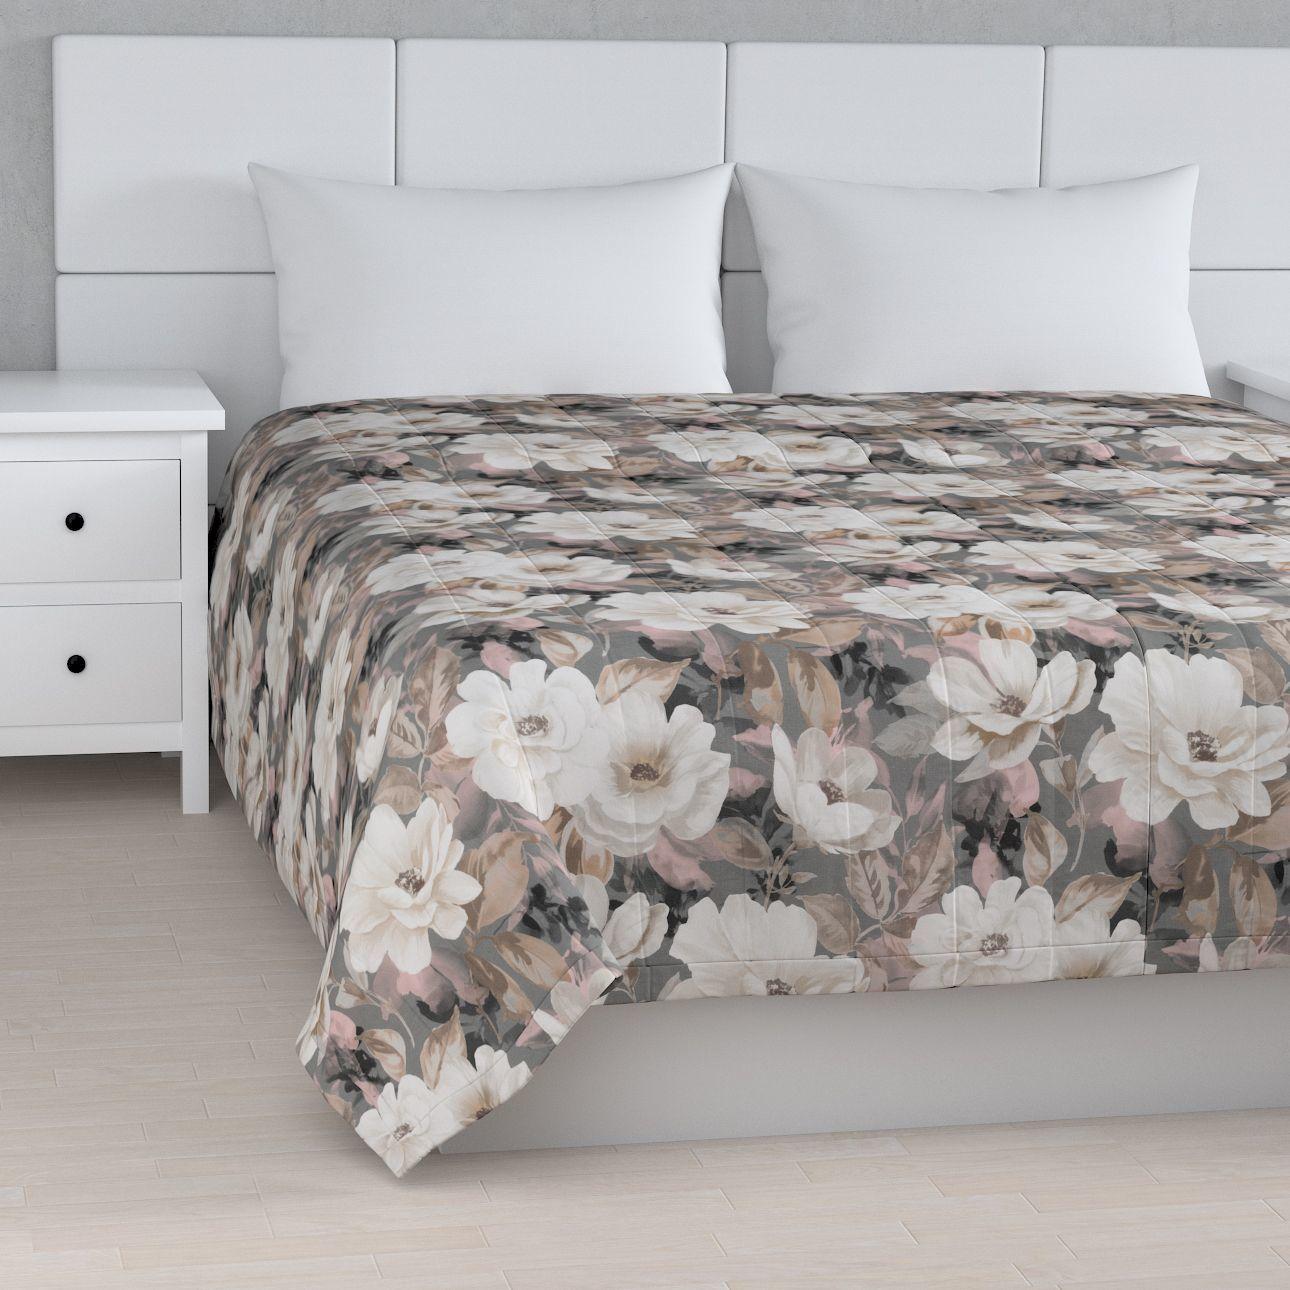 Narzuta pikowana w pasy, kremowe i różowe kwiaty na szarym tle , szer.260  dł.210 cm, Gardenia